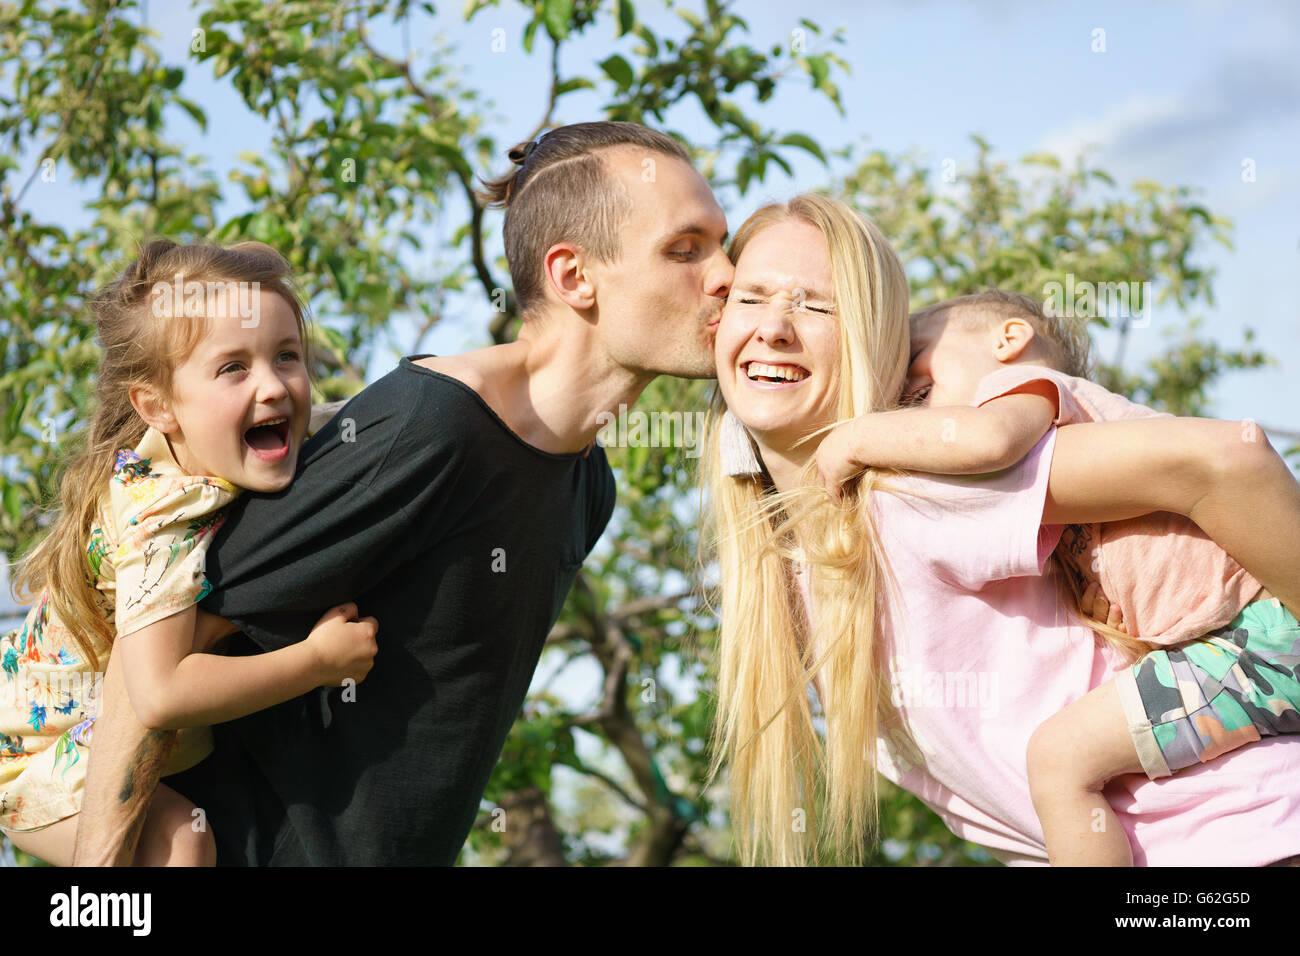 Retrato de una familia feliz al aire libre Imagen De Stock